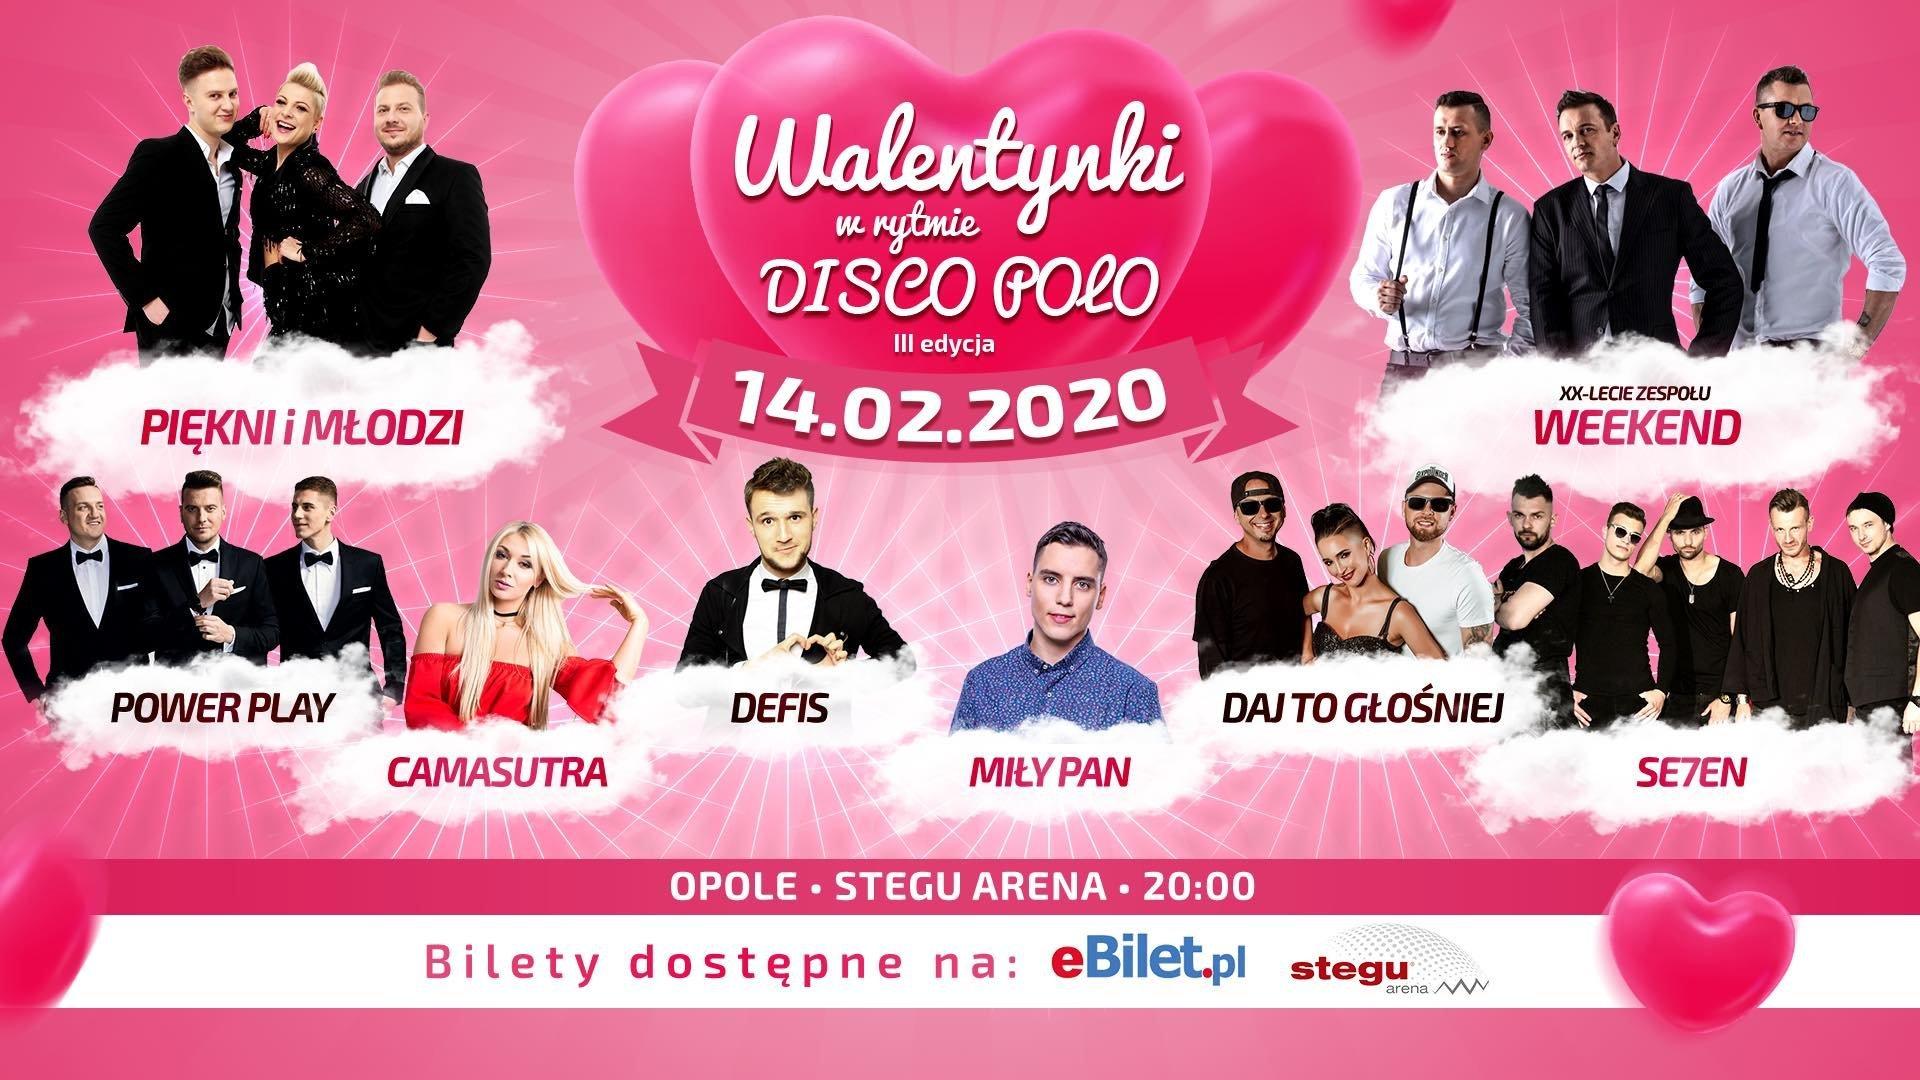 Spędź walentynki z największymi gwiazdami disco polo! Opole stolicą muzyki tanecznej!